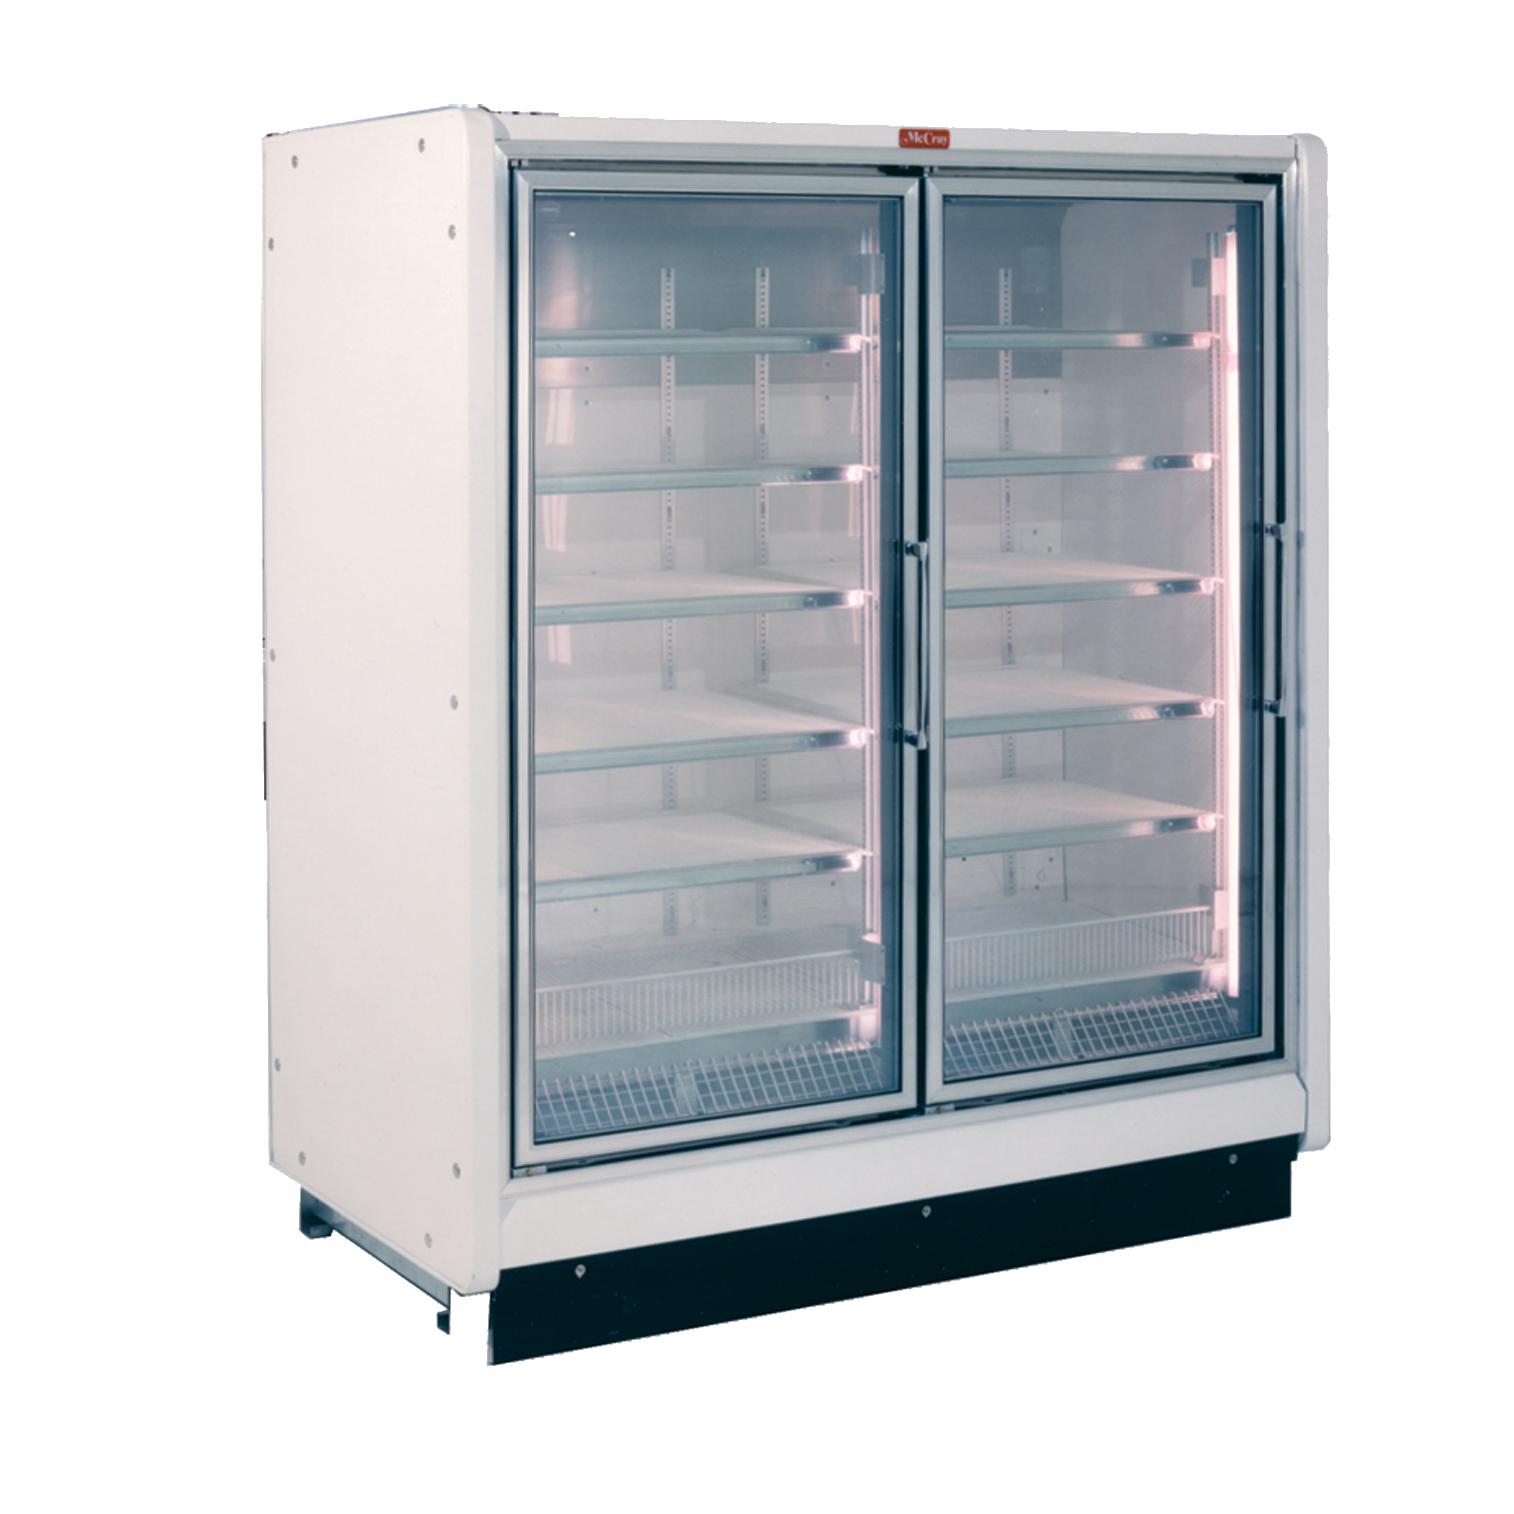 Howard-McCray RIF2-30-LED-S freezer, merchandiser